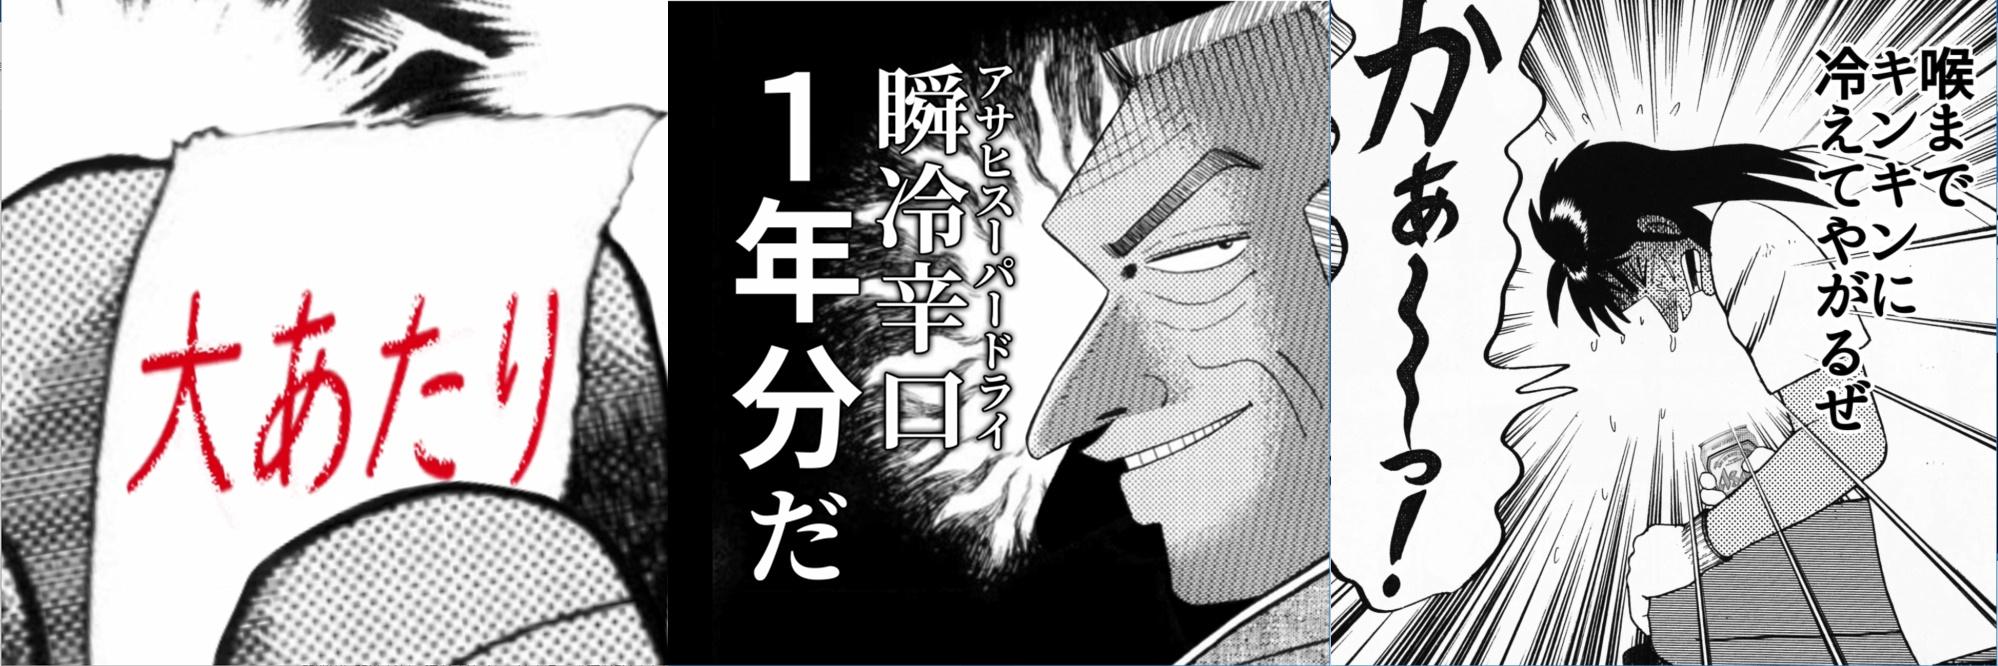 パチンコ『CR弾球黙示録カイジ2』&TVアニメ『逆境無頼カイジ 破戒録篇』合同記者発表会見レポート-4